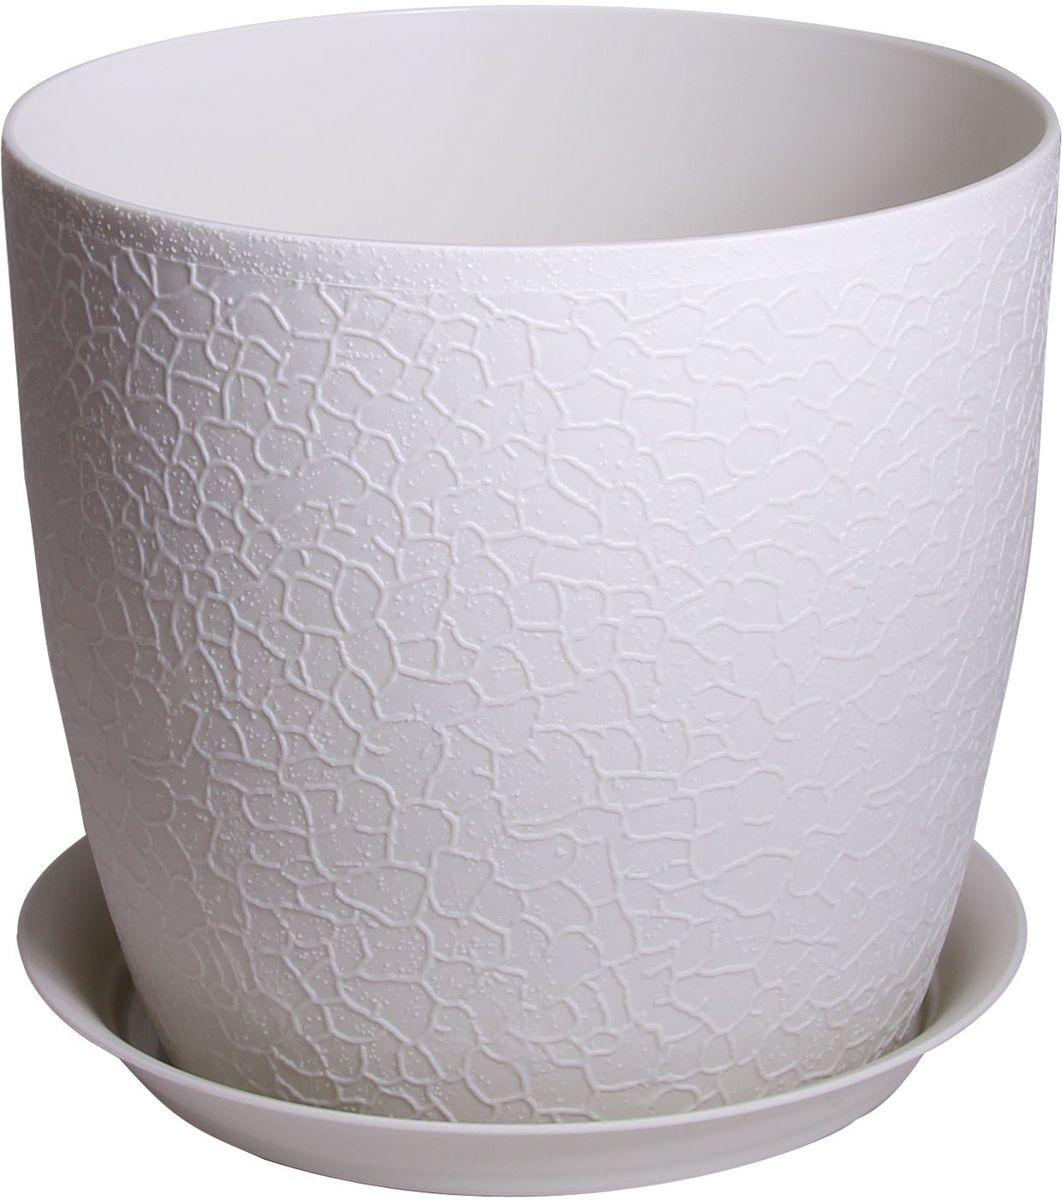 Кашпо Idea Верона, с подставкой, цвет: белый ротанг, диаметр 18 см кашпо idea верона с подставкой цвет белый диаметр 18 см